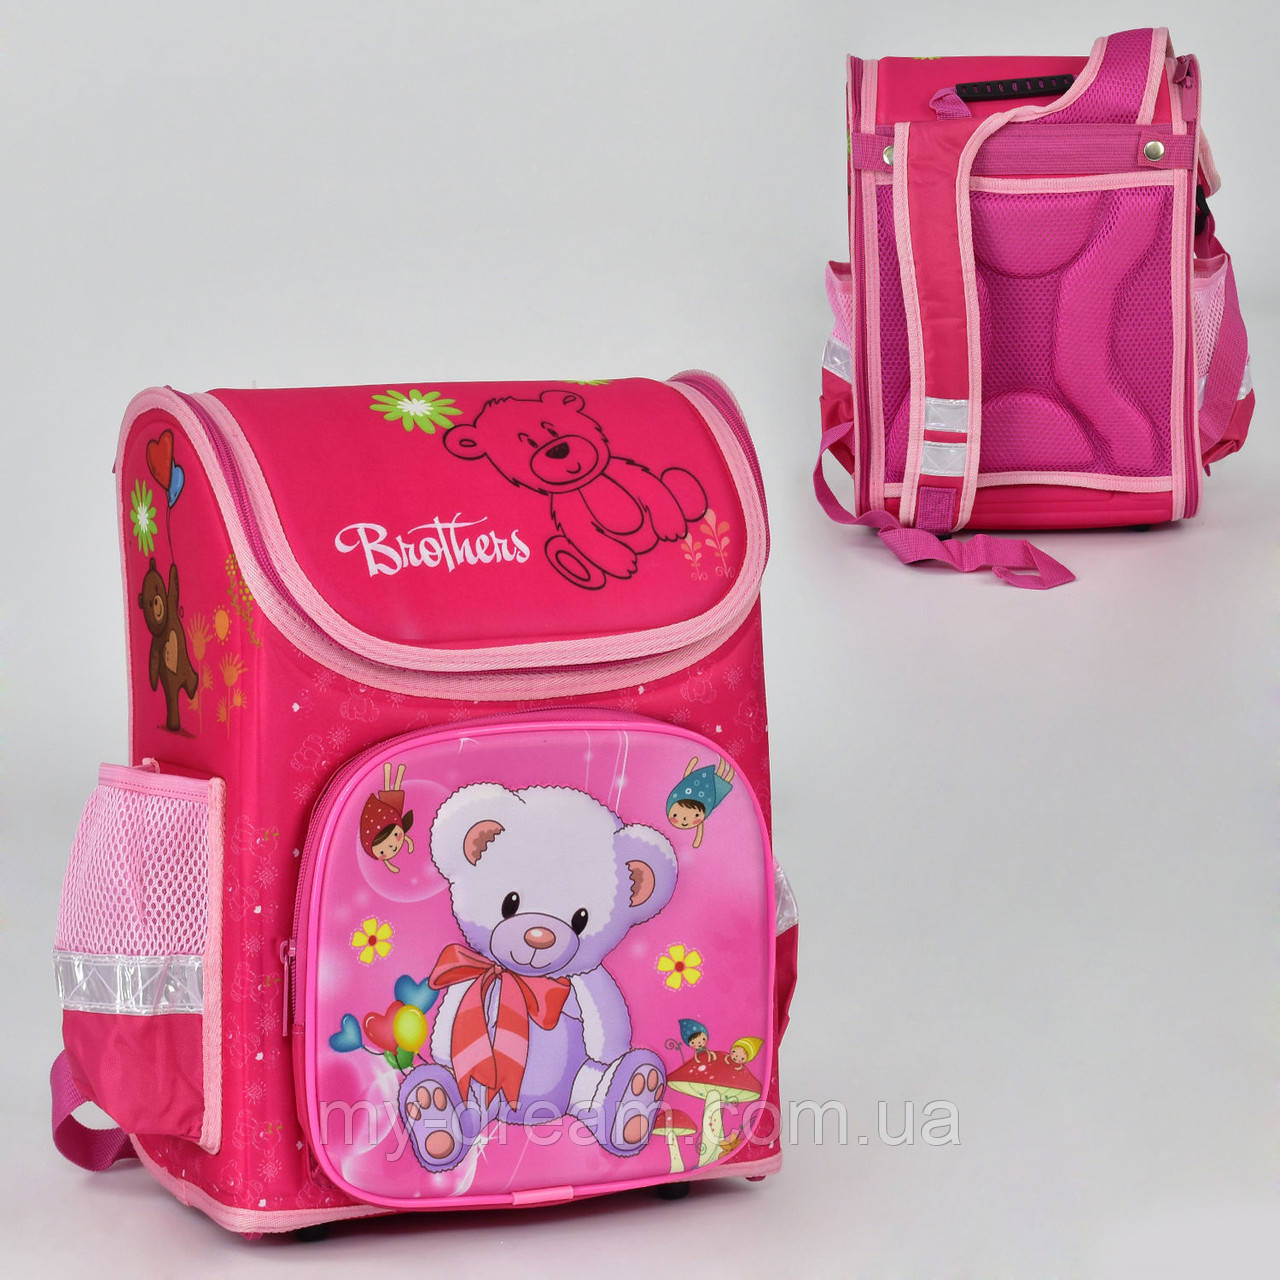 Рюкзак школьный N 00170, 1 отделение, 2 кармана, спинка ортопедическая